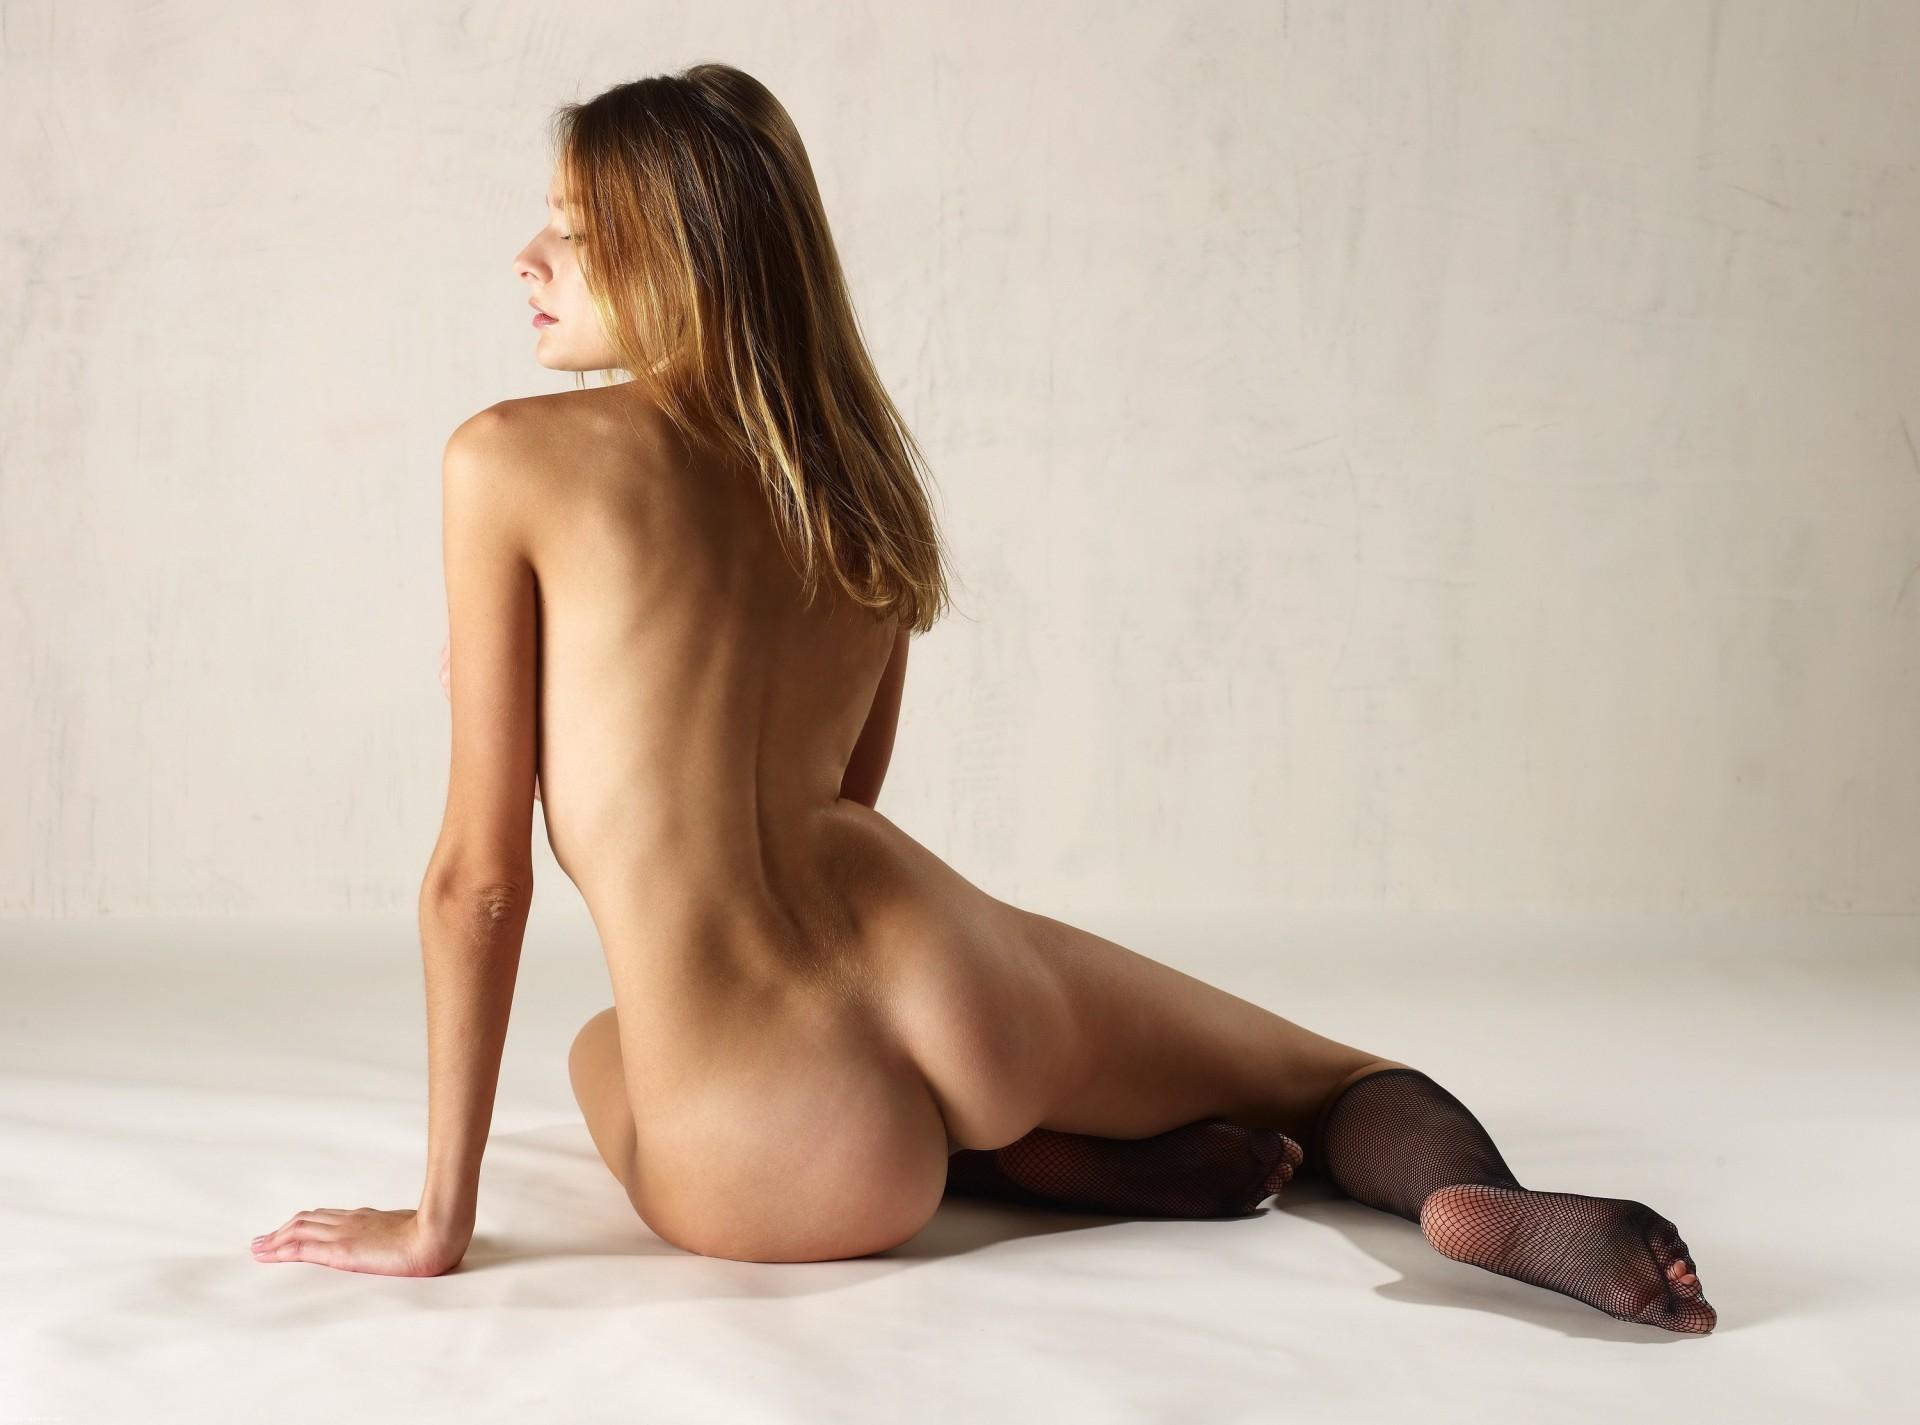 что стройные девушки эротические фото что